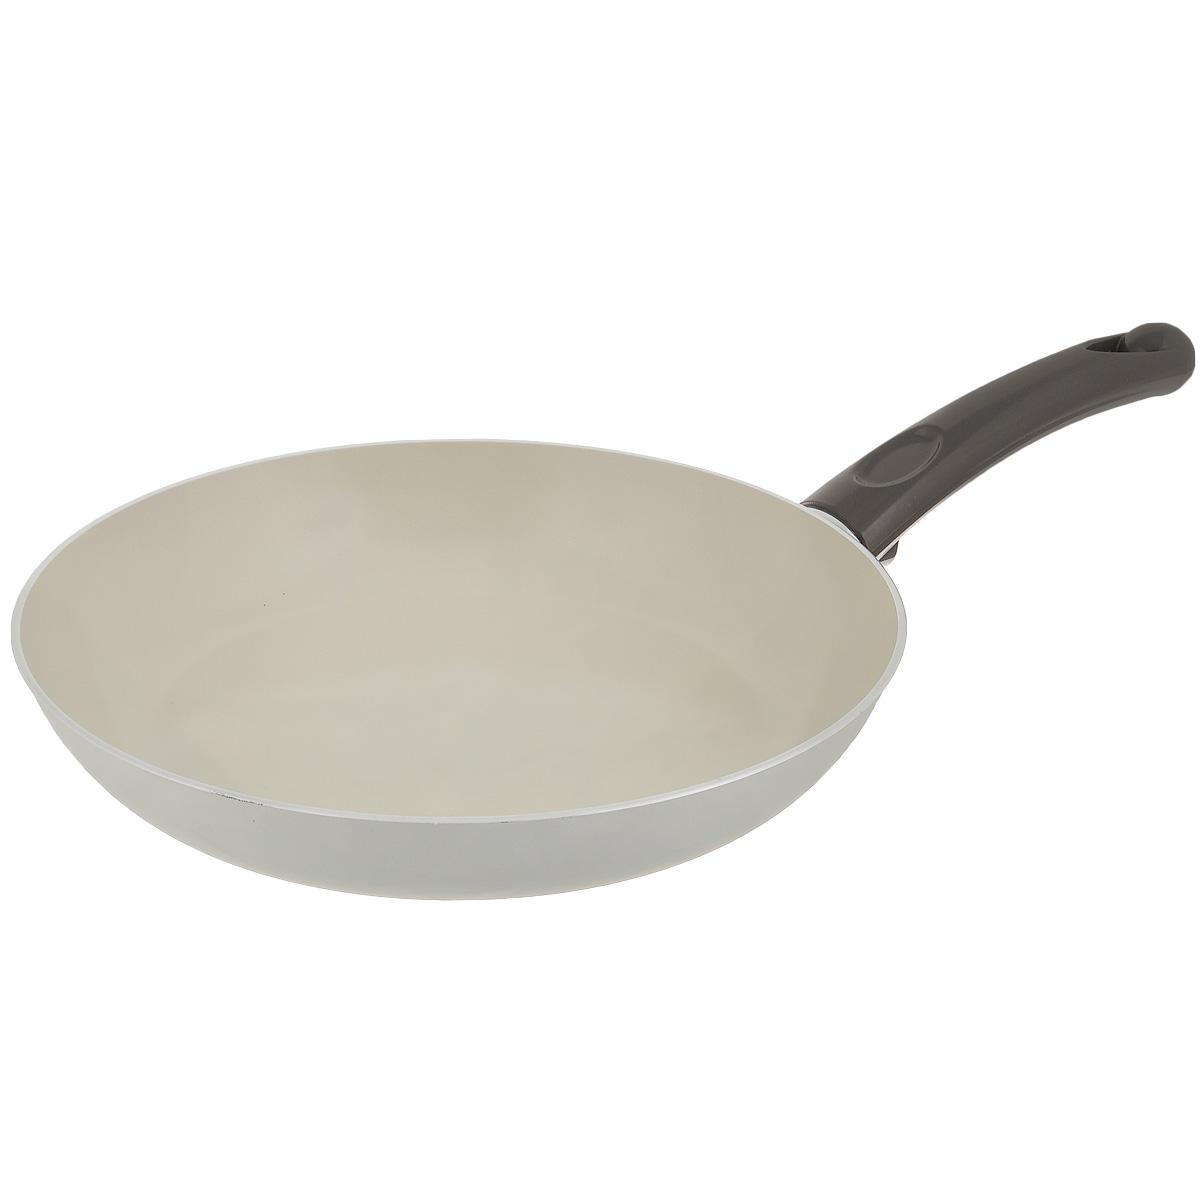 Сковорода TVS Bianca, с антипригарным покрытием, цвет: молочный. Диаметр 24 см сковороды tvs сковорода tvs splendida 24 см